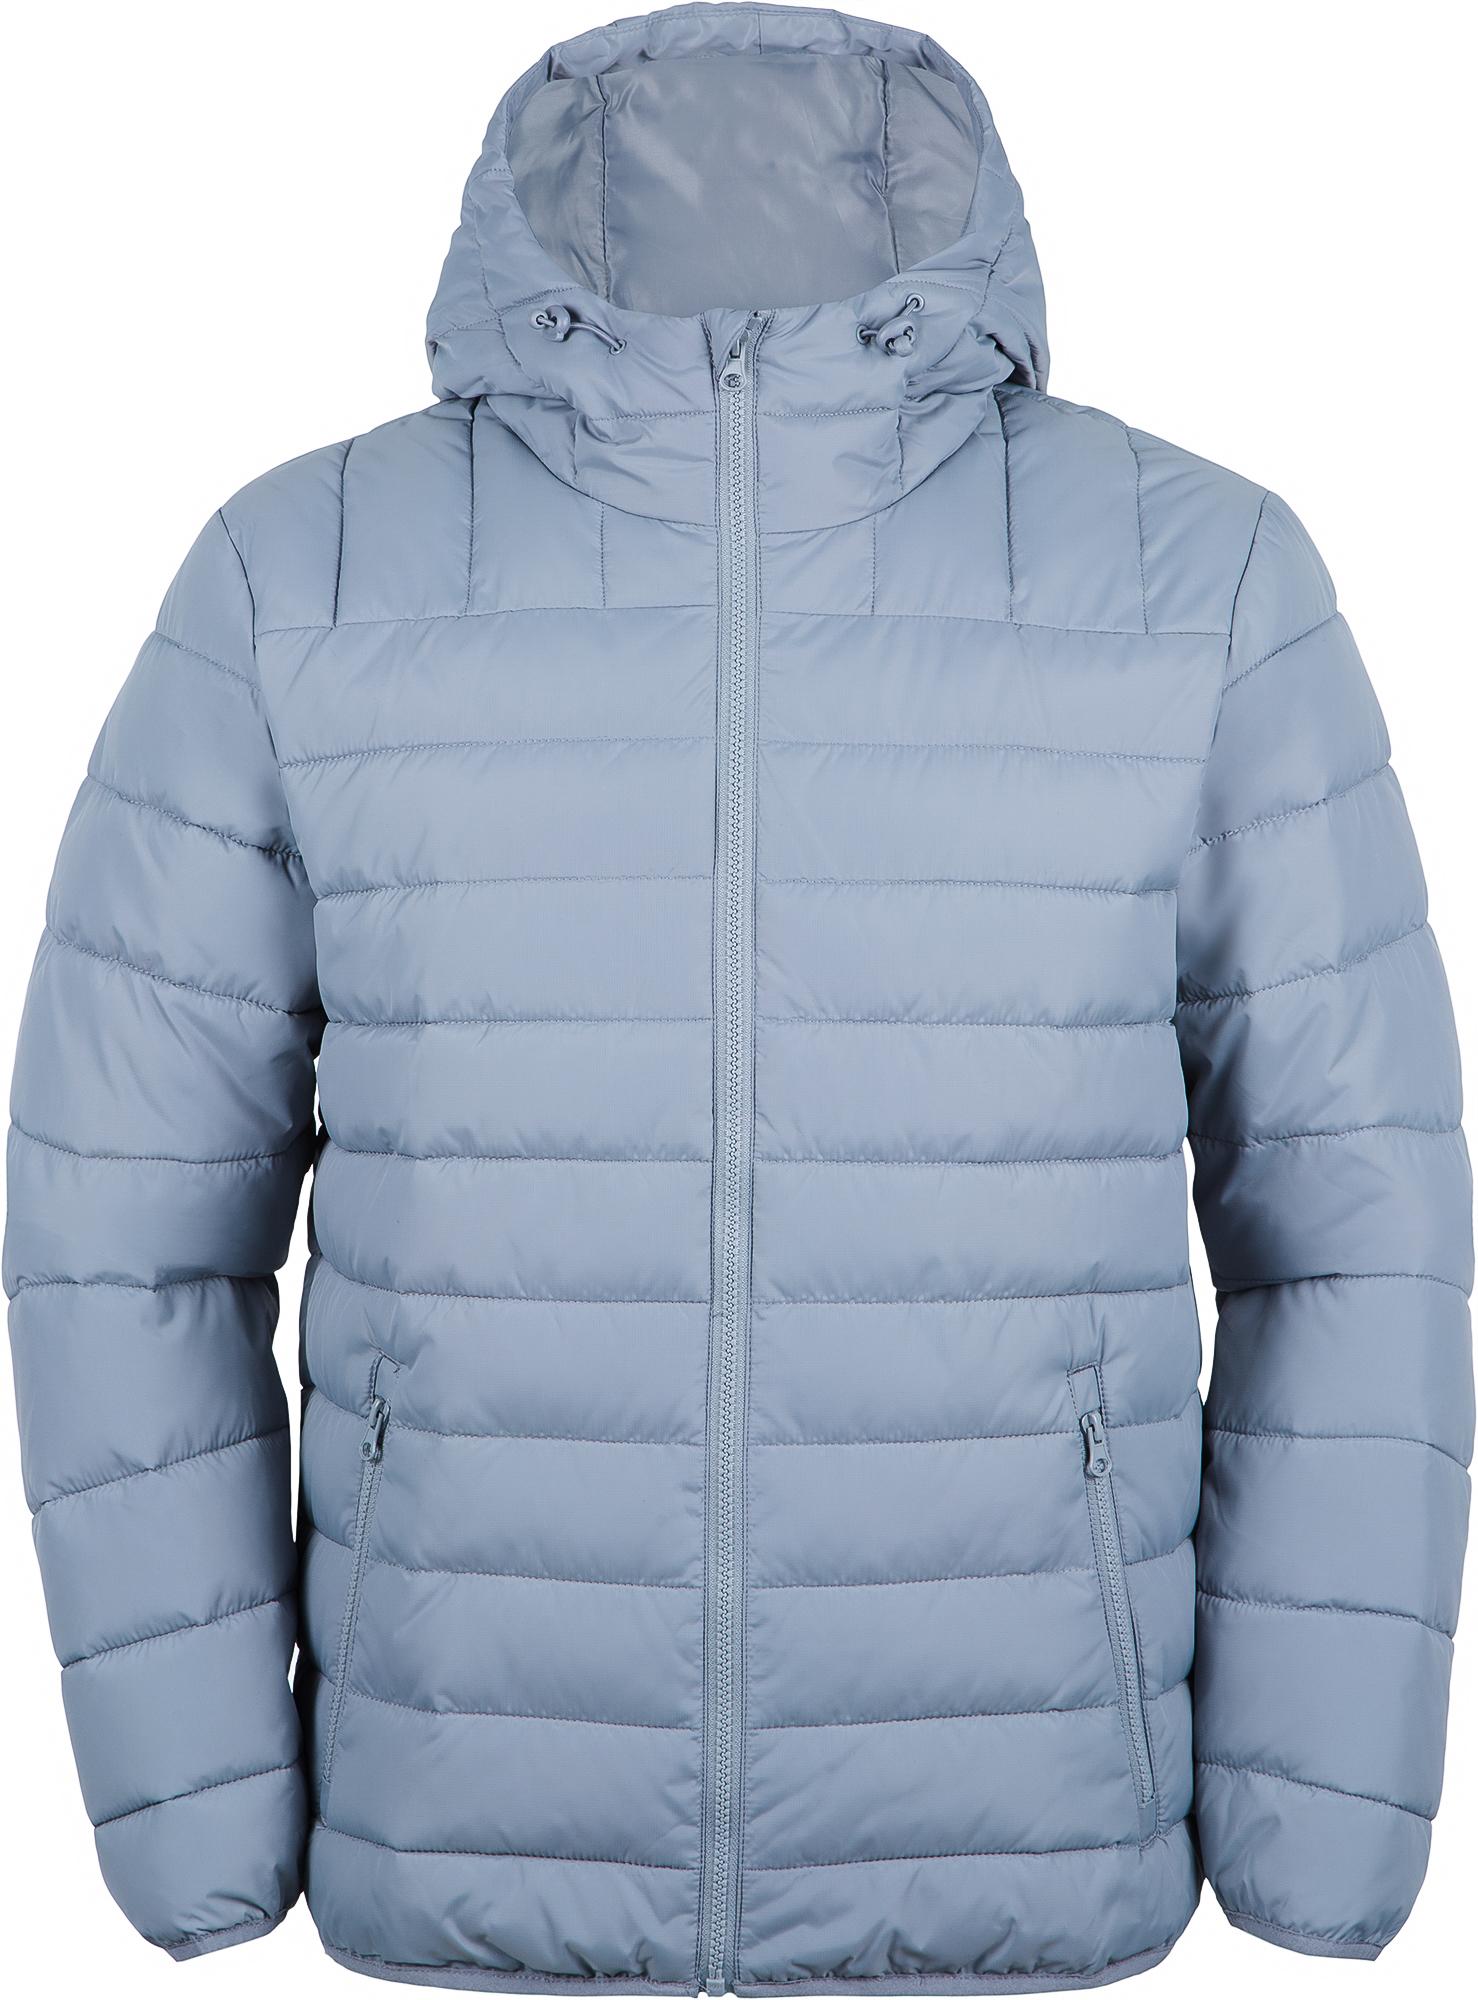 Demix Куртка утепленная мужская Demix, размер 58-60 demix куртка утепленная мужская demix размер 62